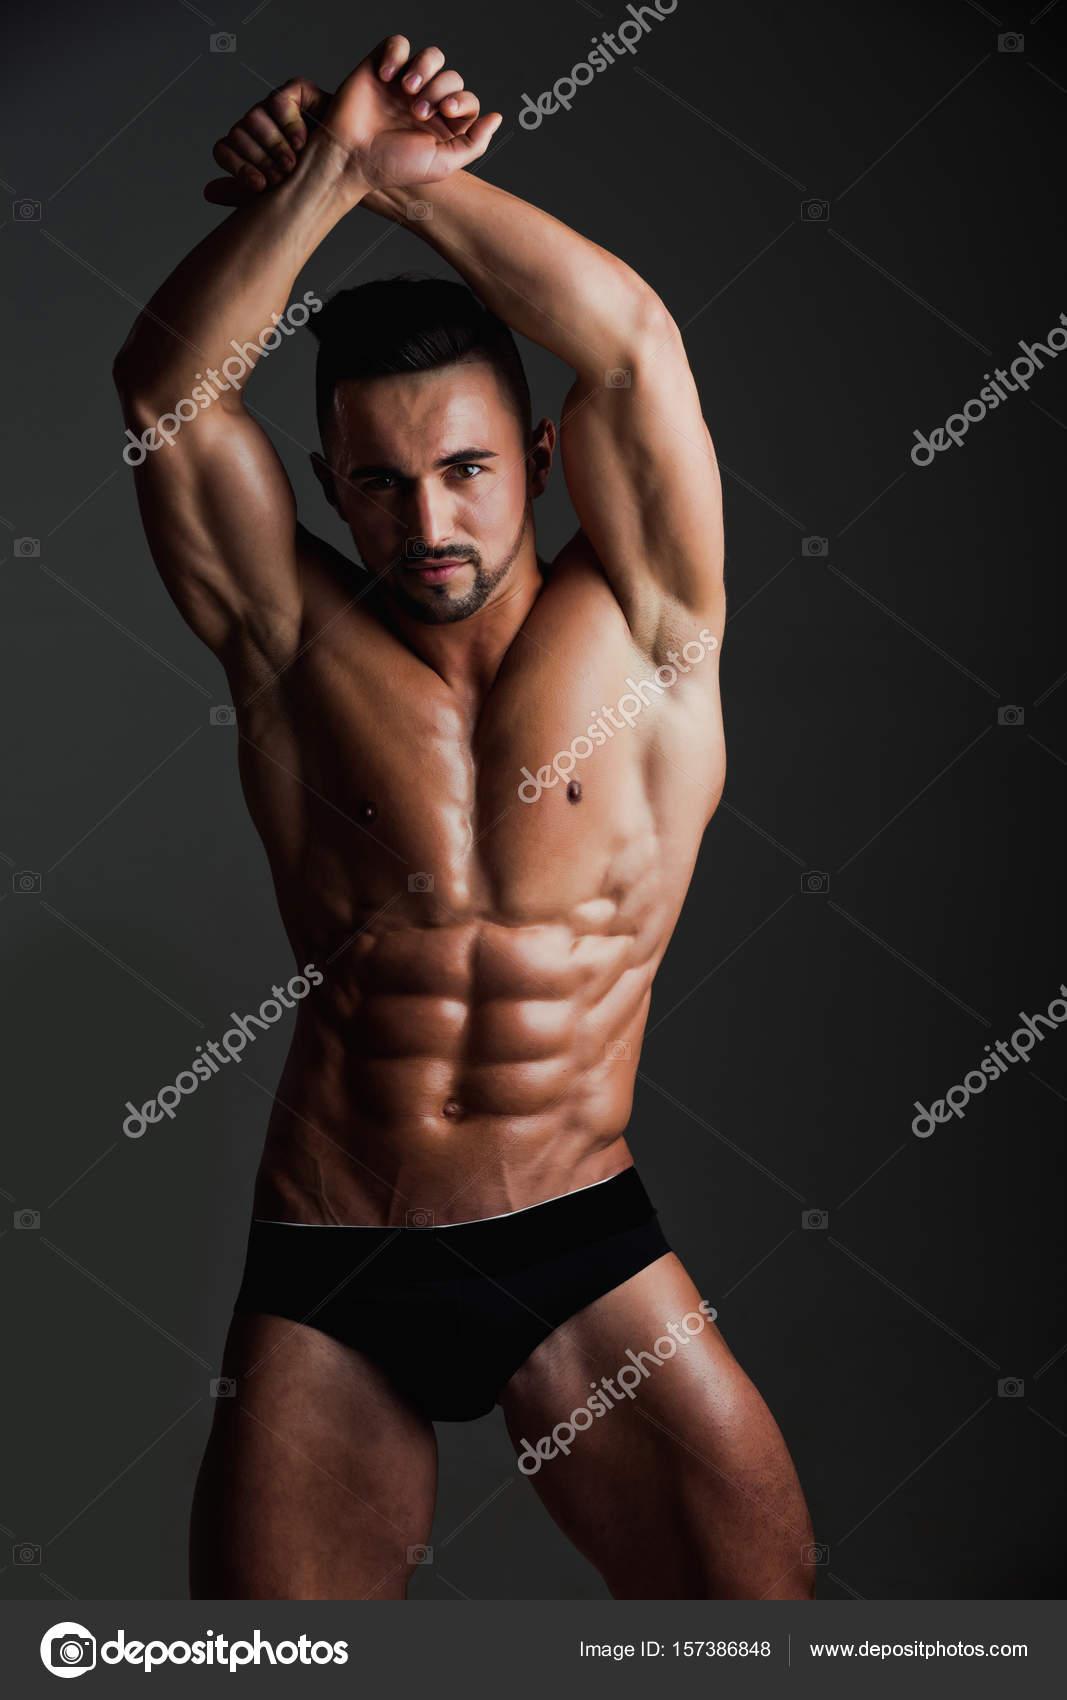 caa67e9a15 Hombre con cuerpo musculoso en pantalones ropa interior — Foto de Stock